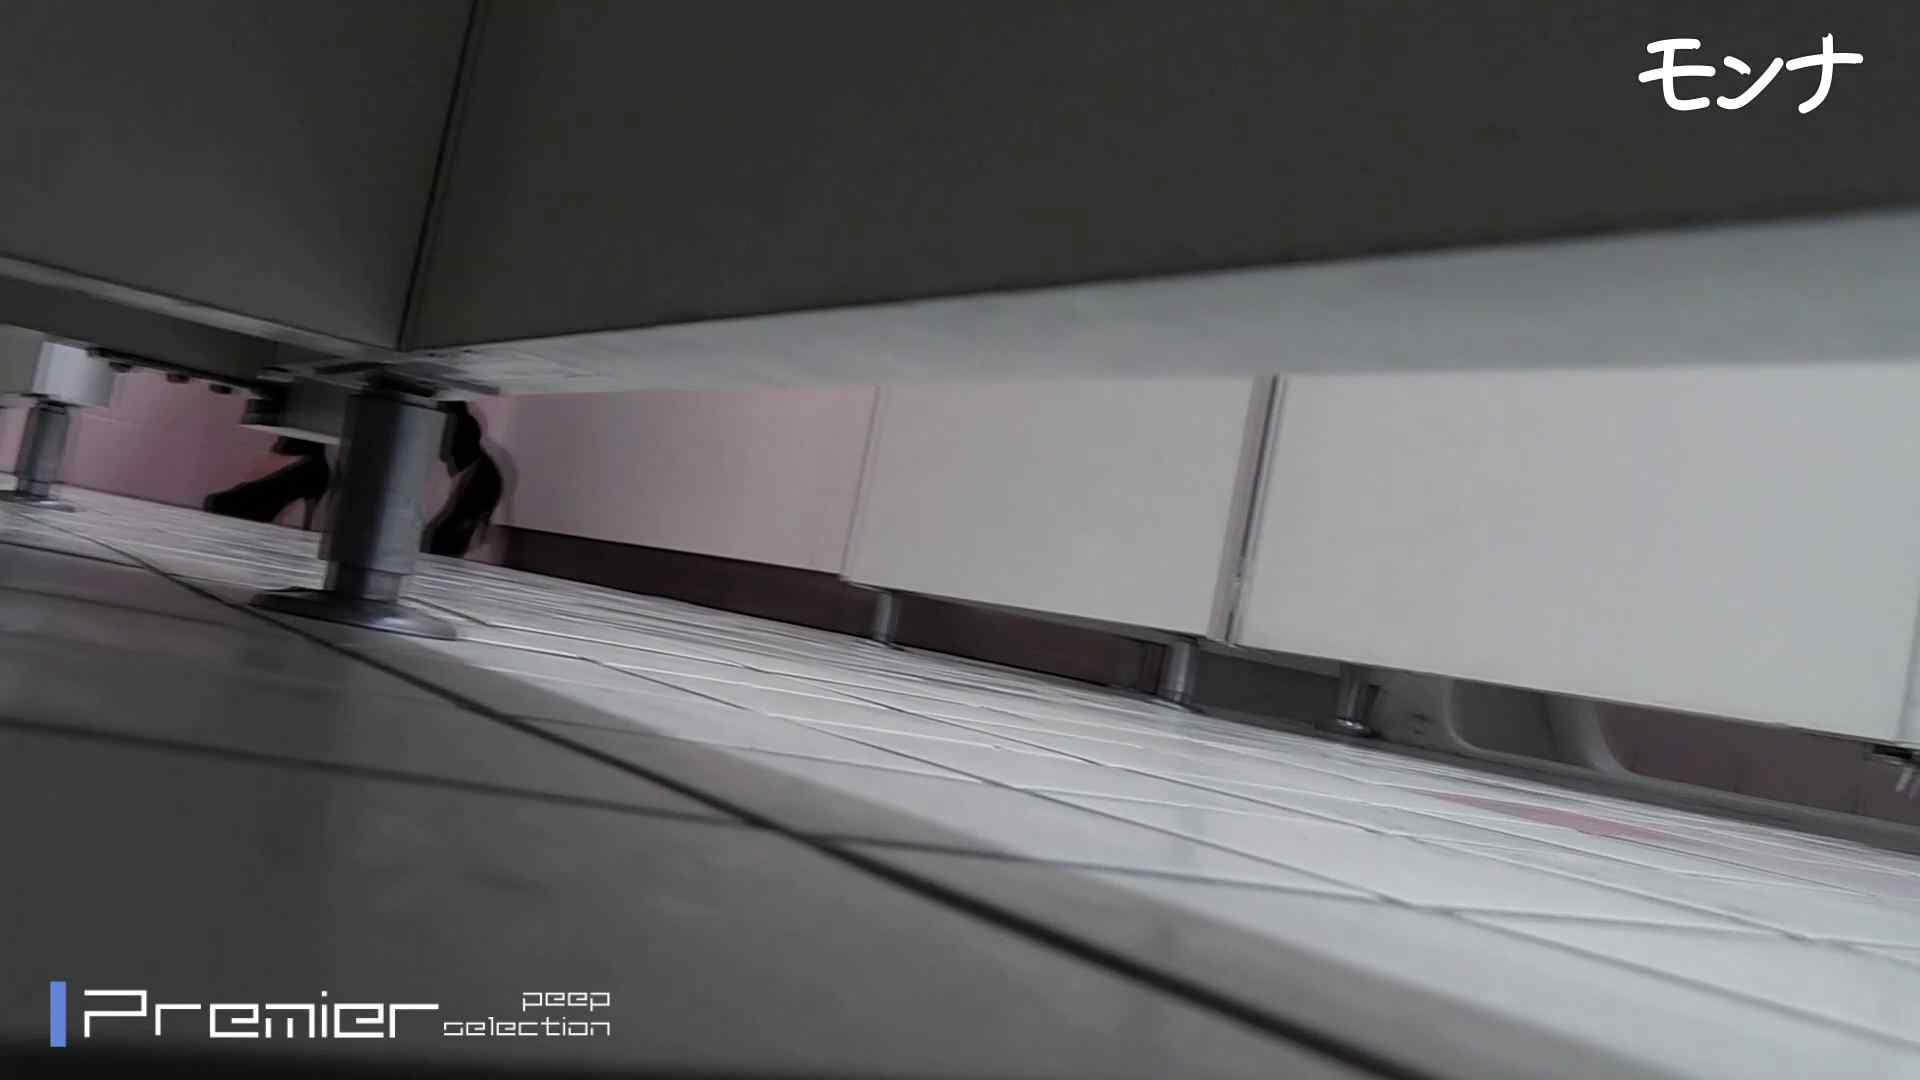 CM 悶絶シリーズ5 【美しい日本の未来 No.128】 おまんこ無修正 | ギャル・コレクション  48連発 47